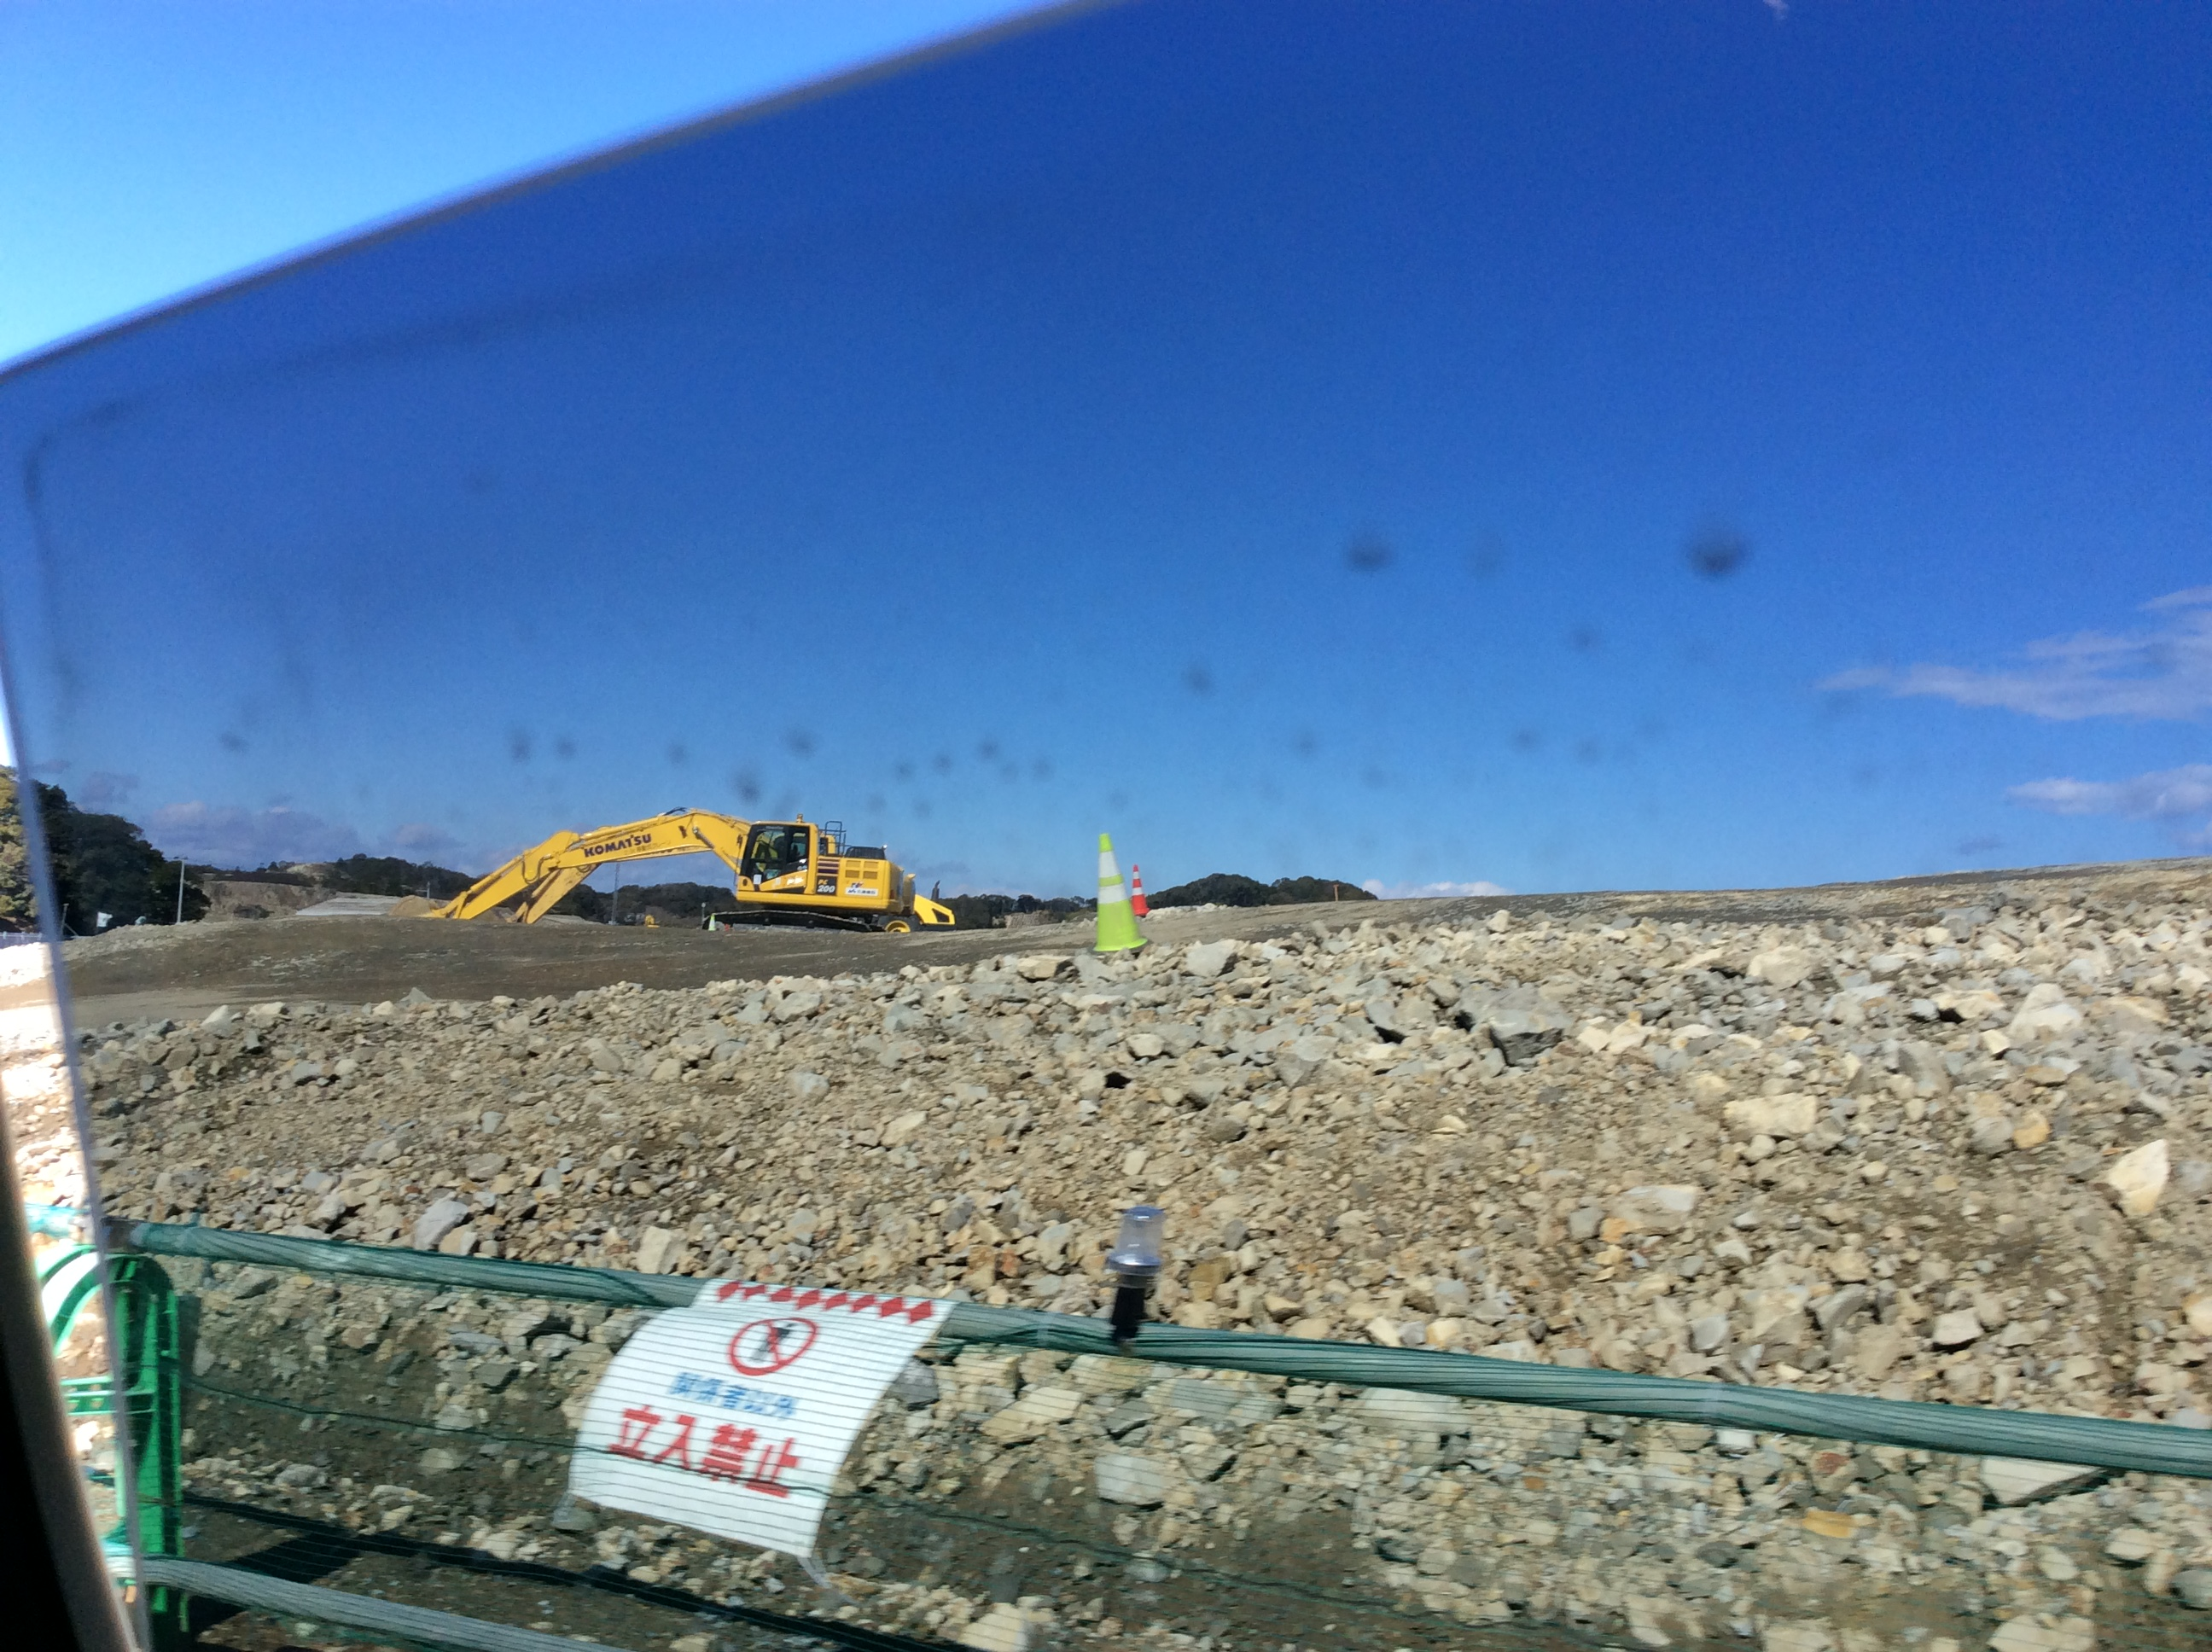 防潮堤の工事が進められているいわき市の海岸